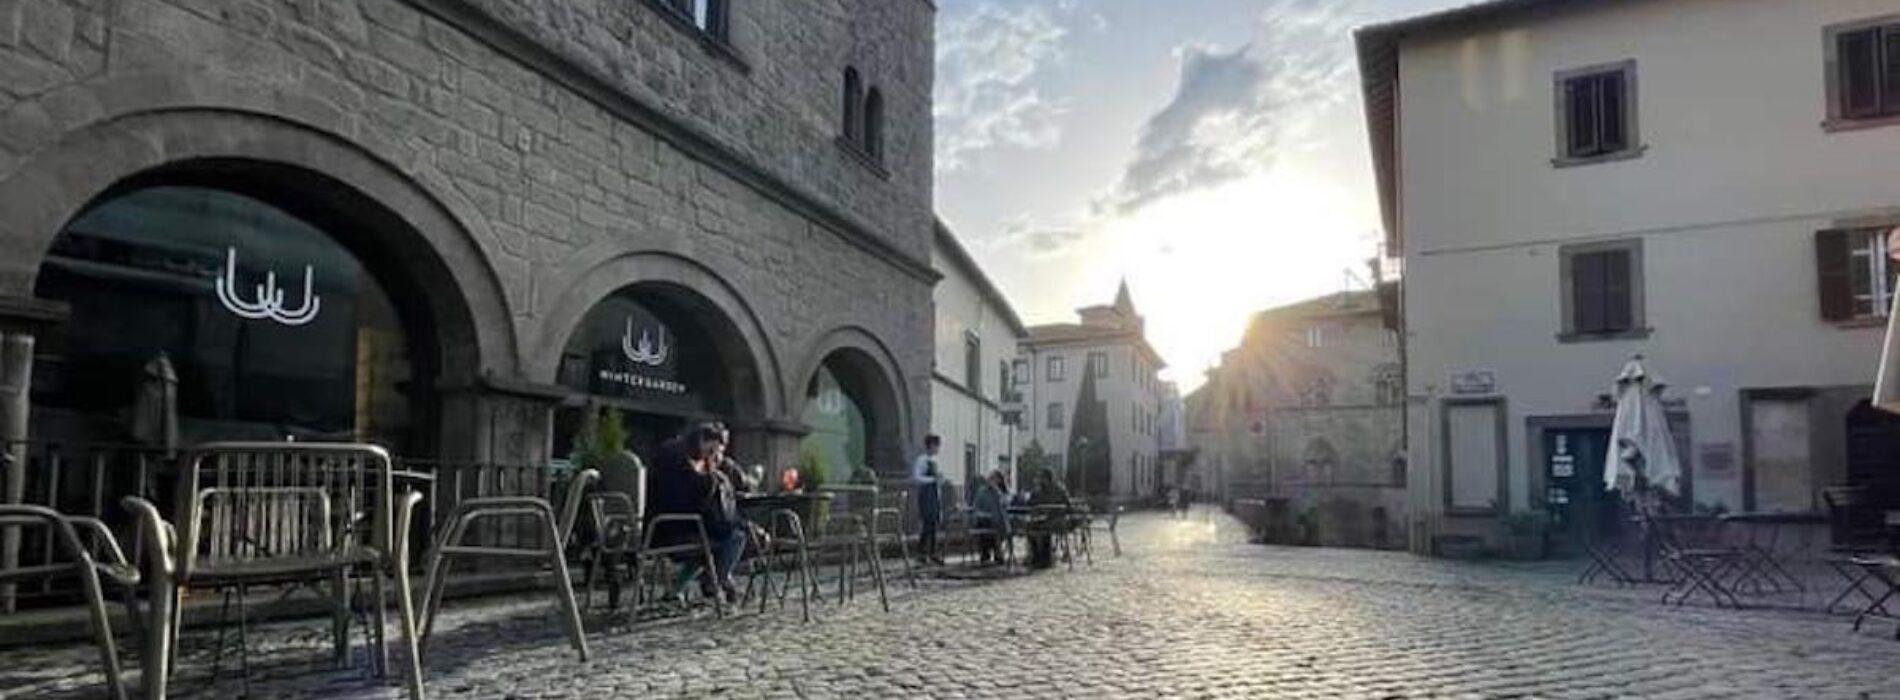 Dove mangiare a Viterbo: un giorno nella città dei Papi tra bar, ristoranti e botteghe